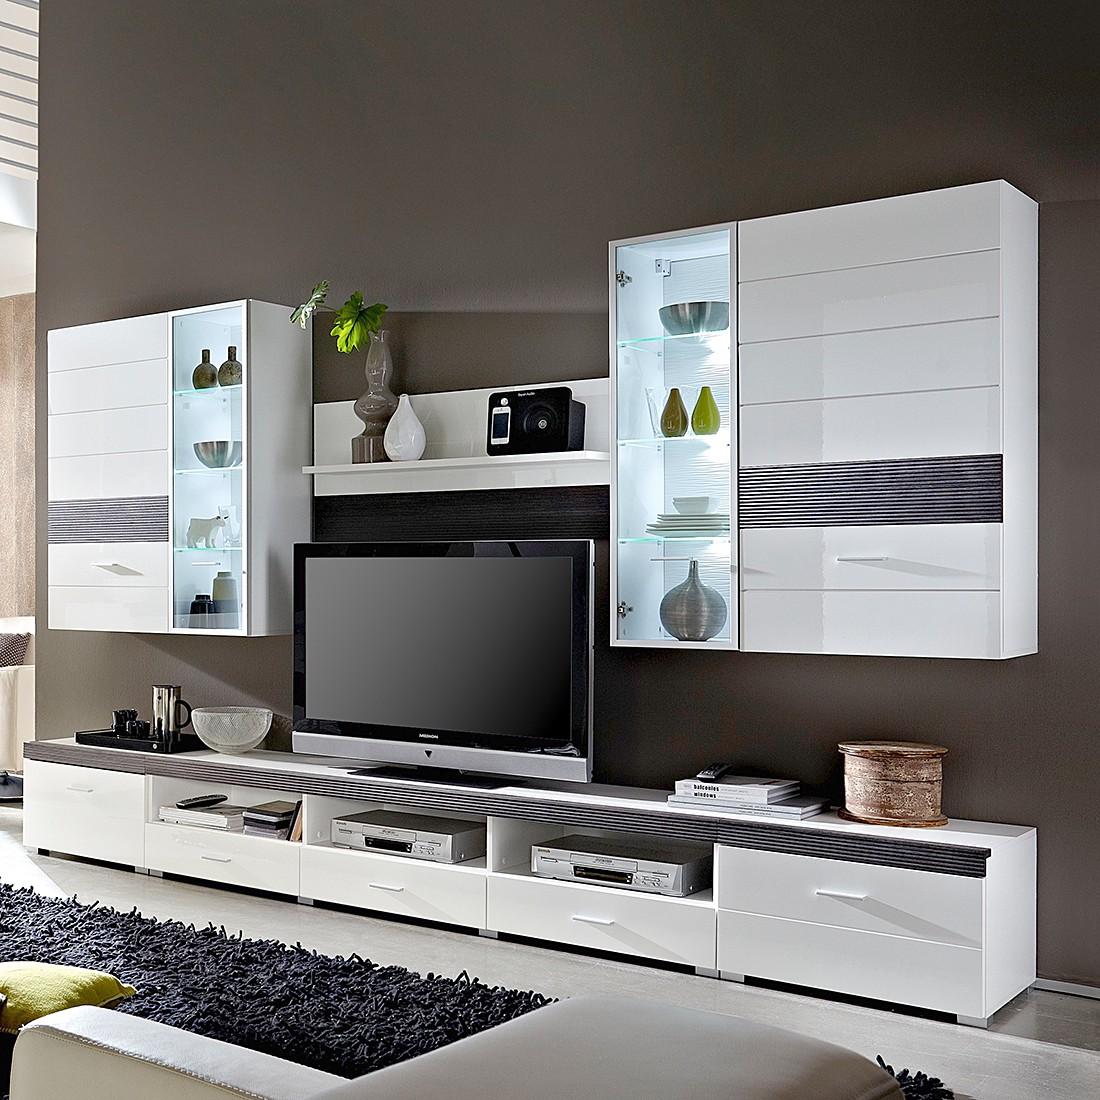 wohnwand evora 6 teilig inkl beleuchtung hochglanz wei pinie touchwood wohnwand evora. Black Bedroom Furniture Sets. Home Design Ideas